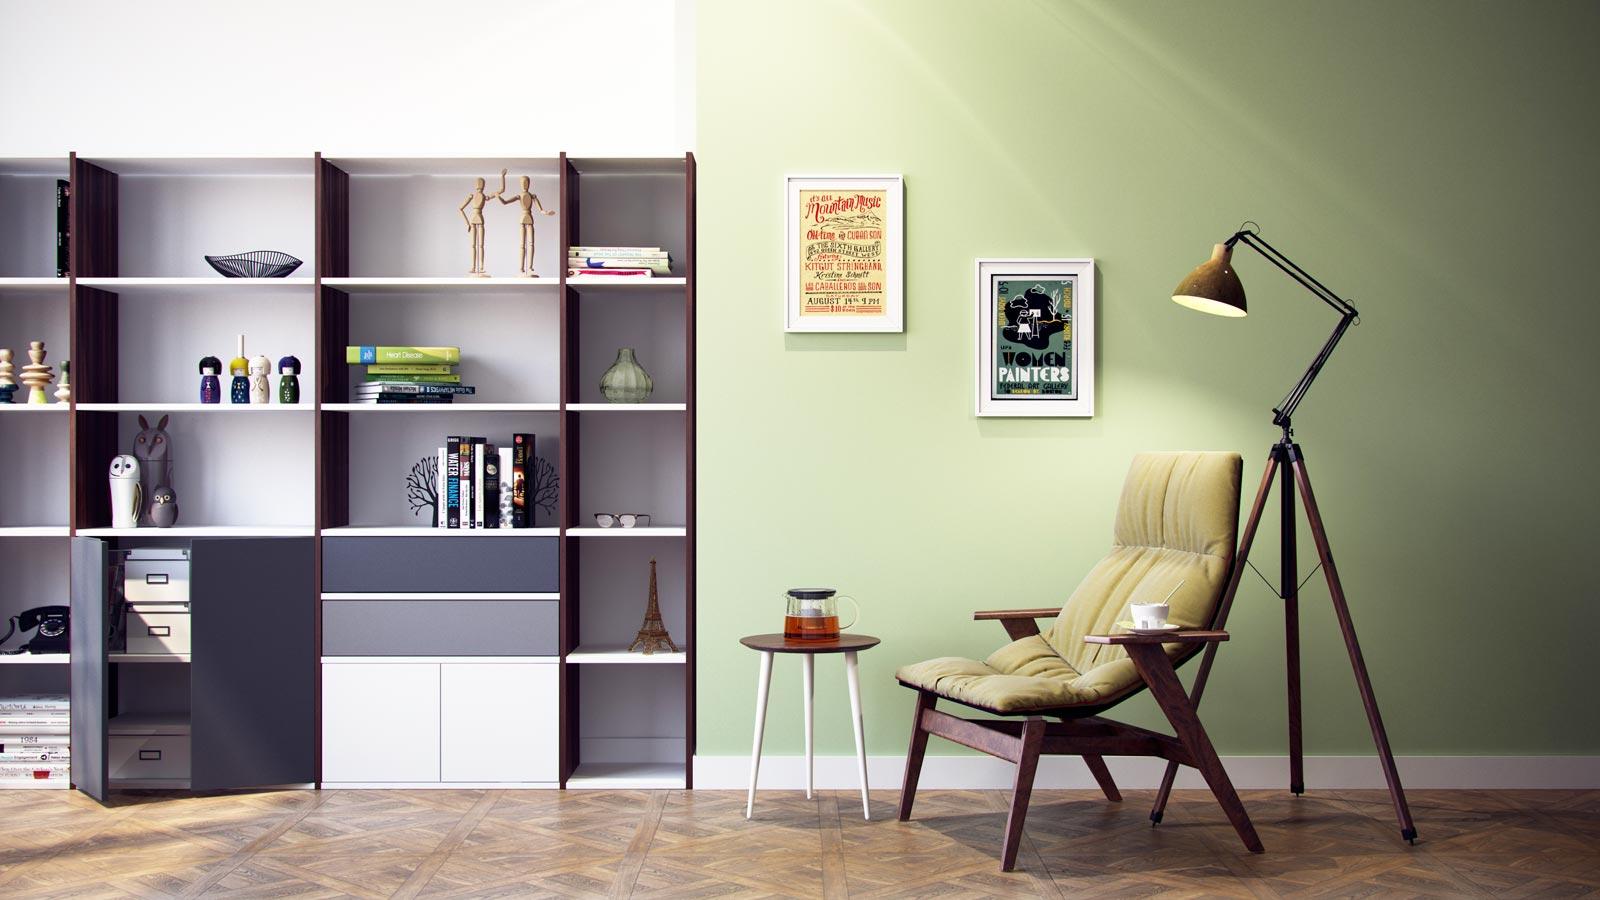 Moderne Wohnwand selbst gestalten | Regale bei MYCS